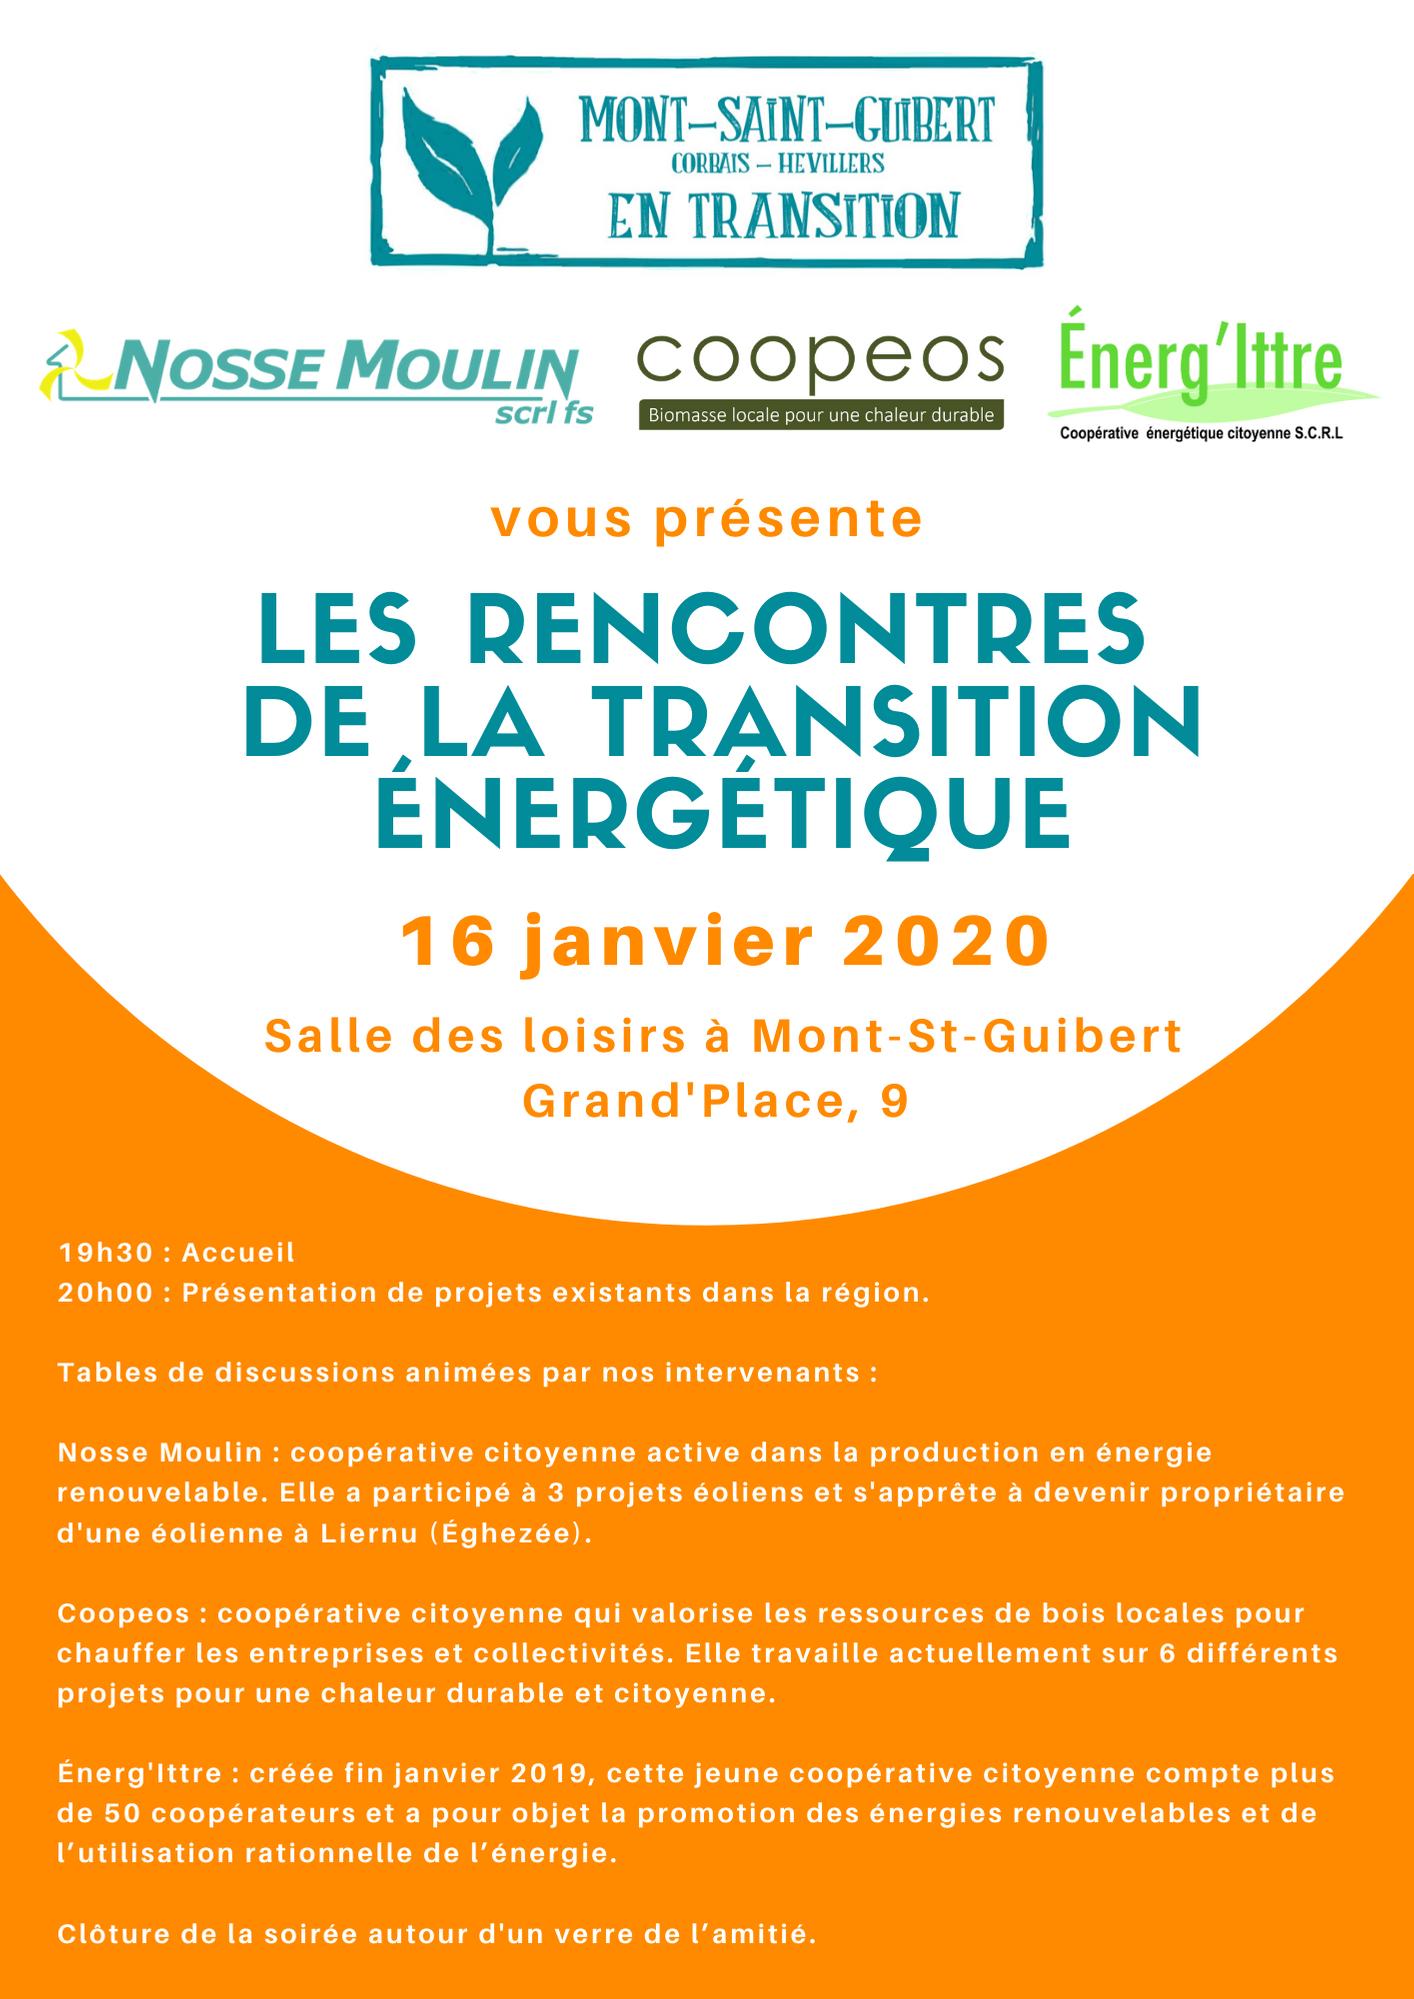 Les Rencontres de la Transition Energétique